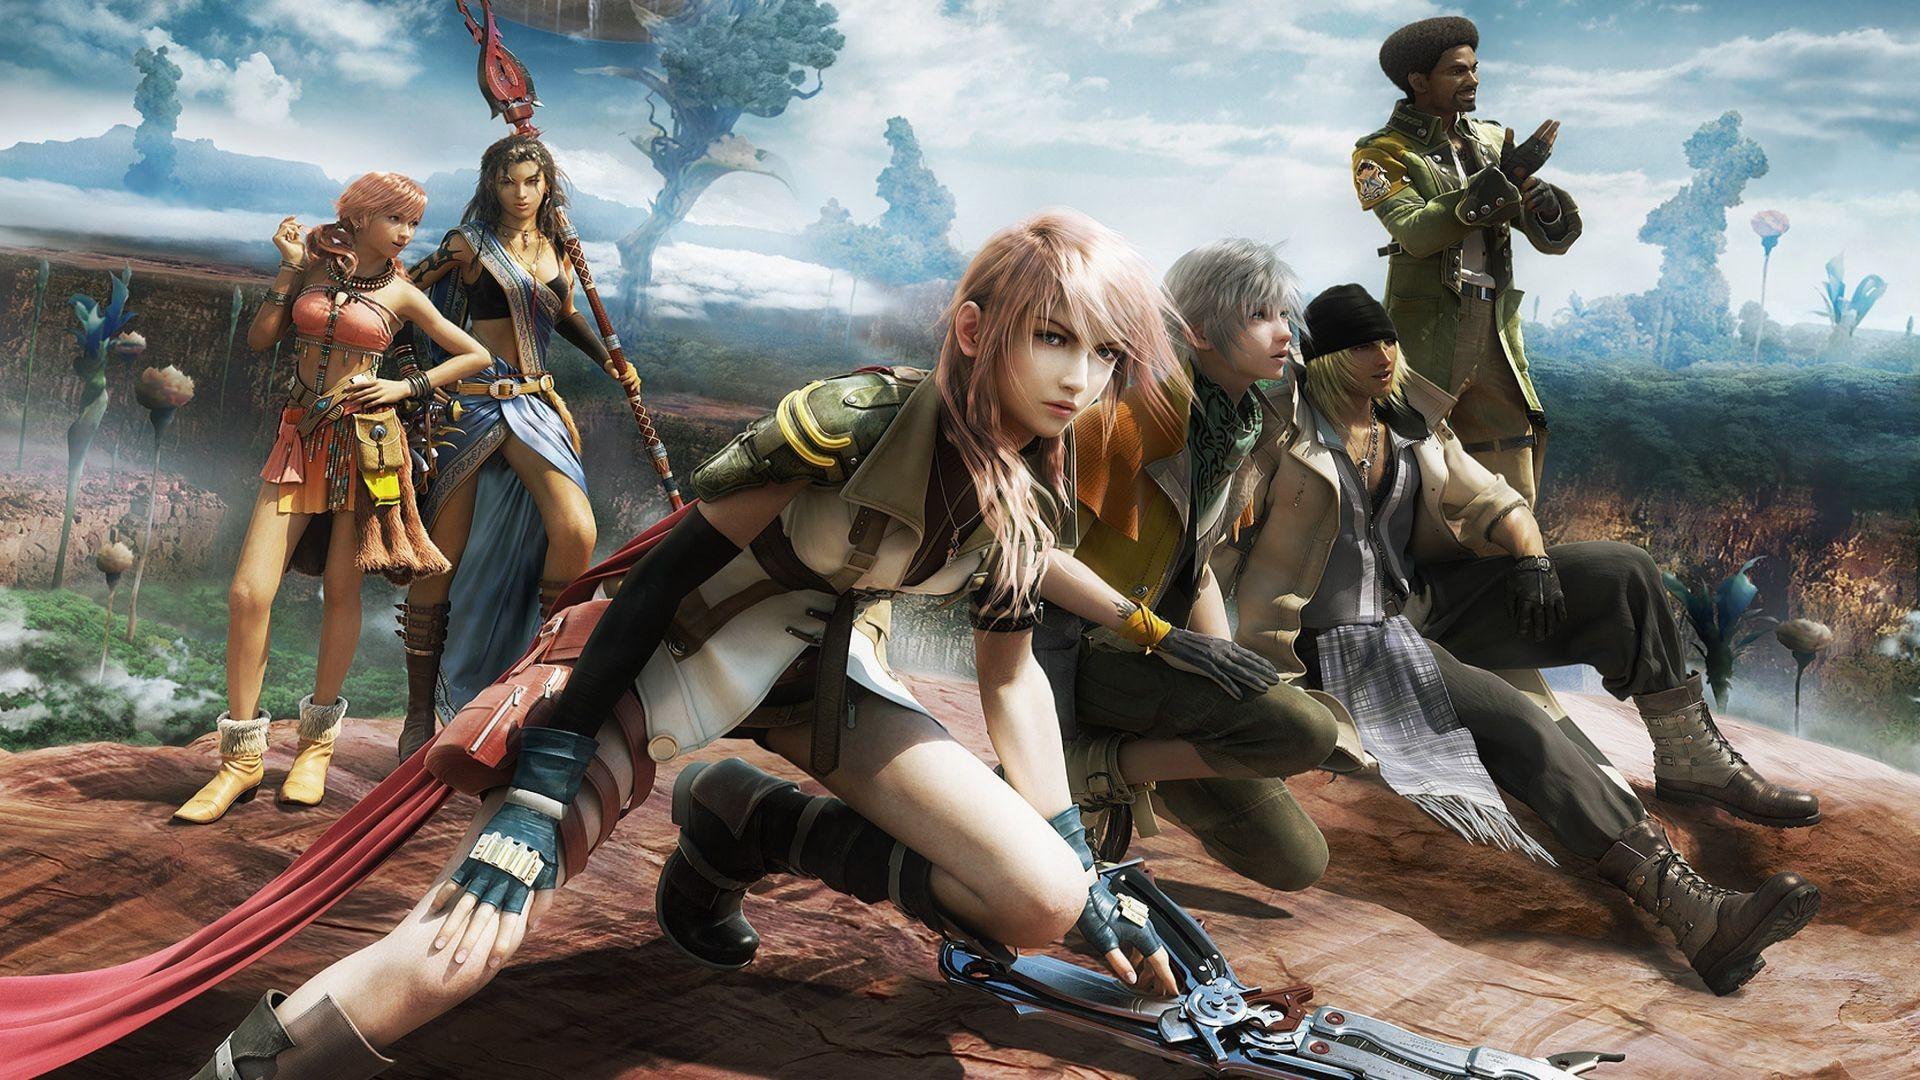 Lightning   Final Fantasy XIII wallpaper 7934 1920x1080